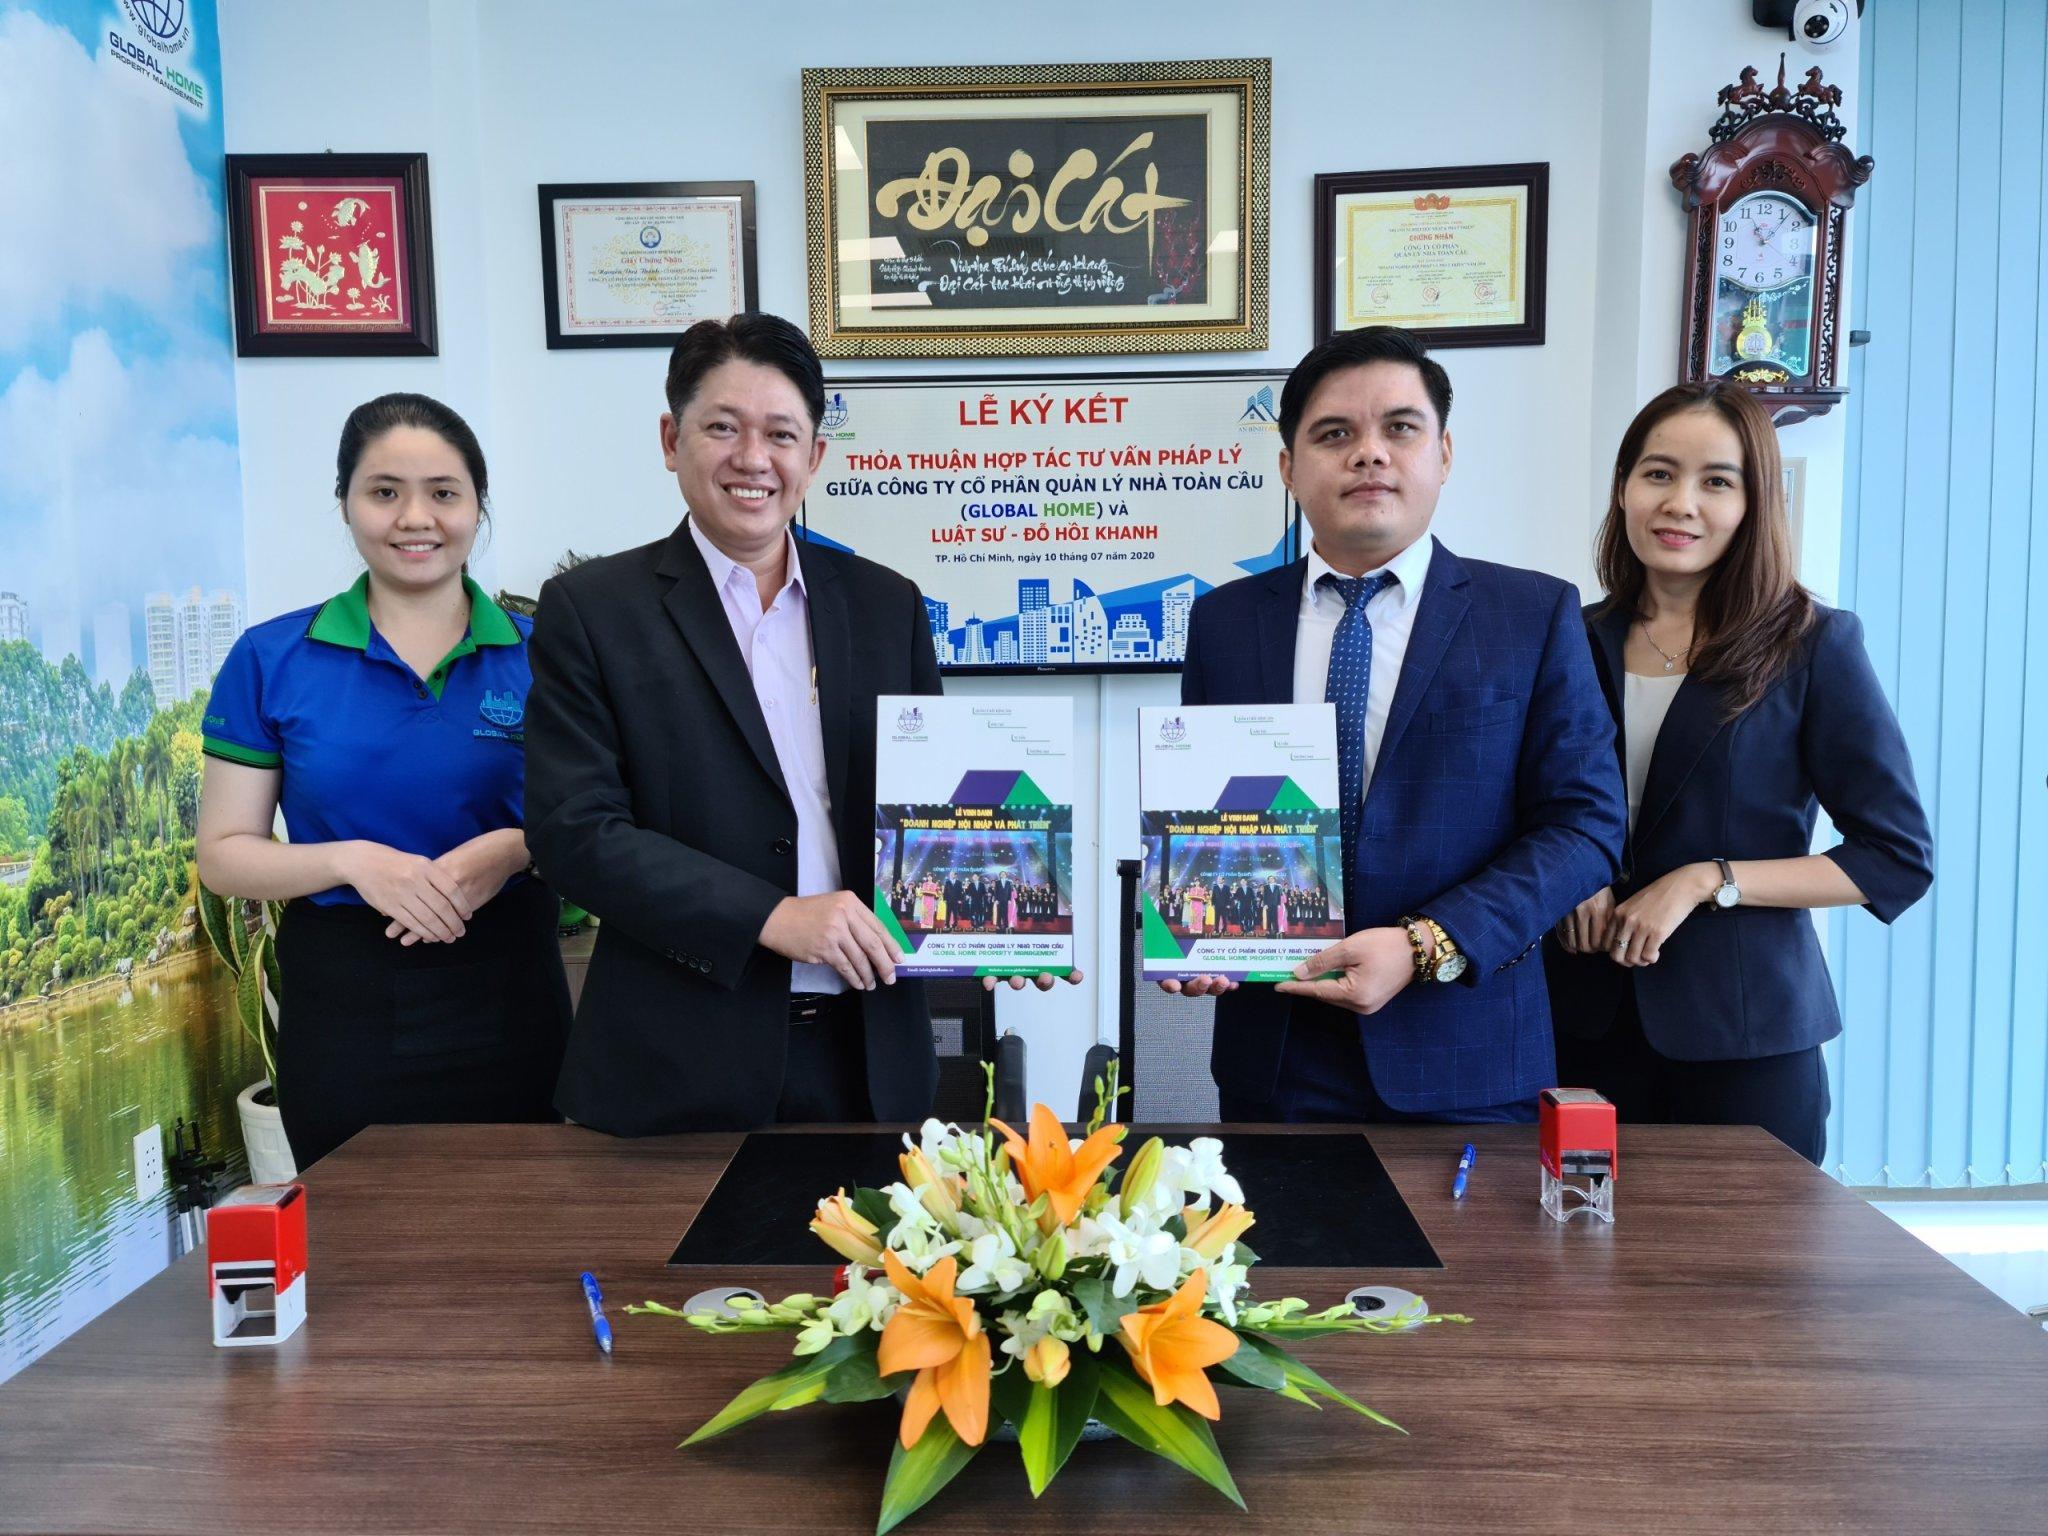 Ông Nguyễn Duy Thành – Chủ tịch HĐQT kiêm TGĐ Công ty CP Quản Lý Nhà Toàn Cầu ký kết hợp tác tư vấn pháp lý cùng Luật sư Đỗ Hồi Khanh